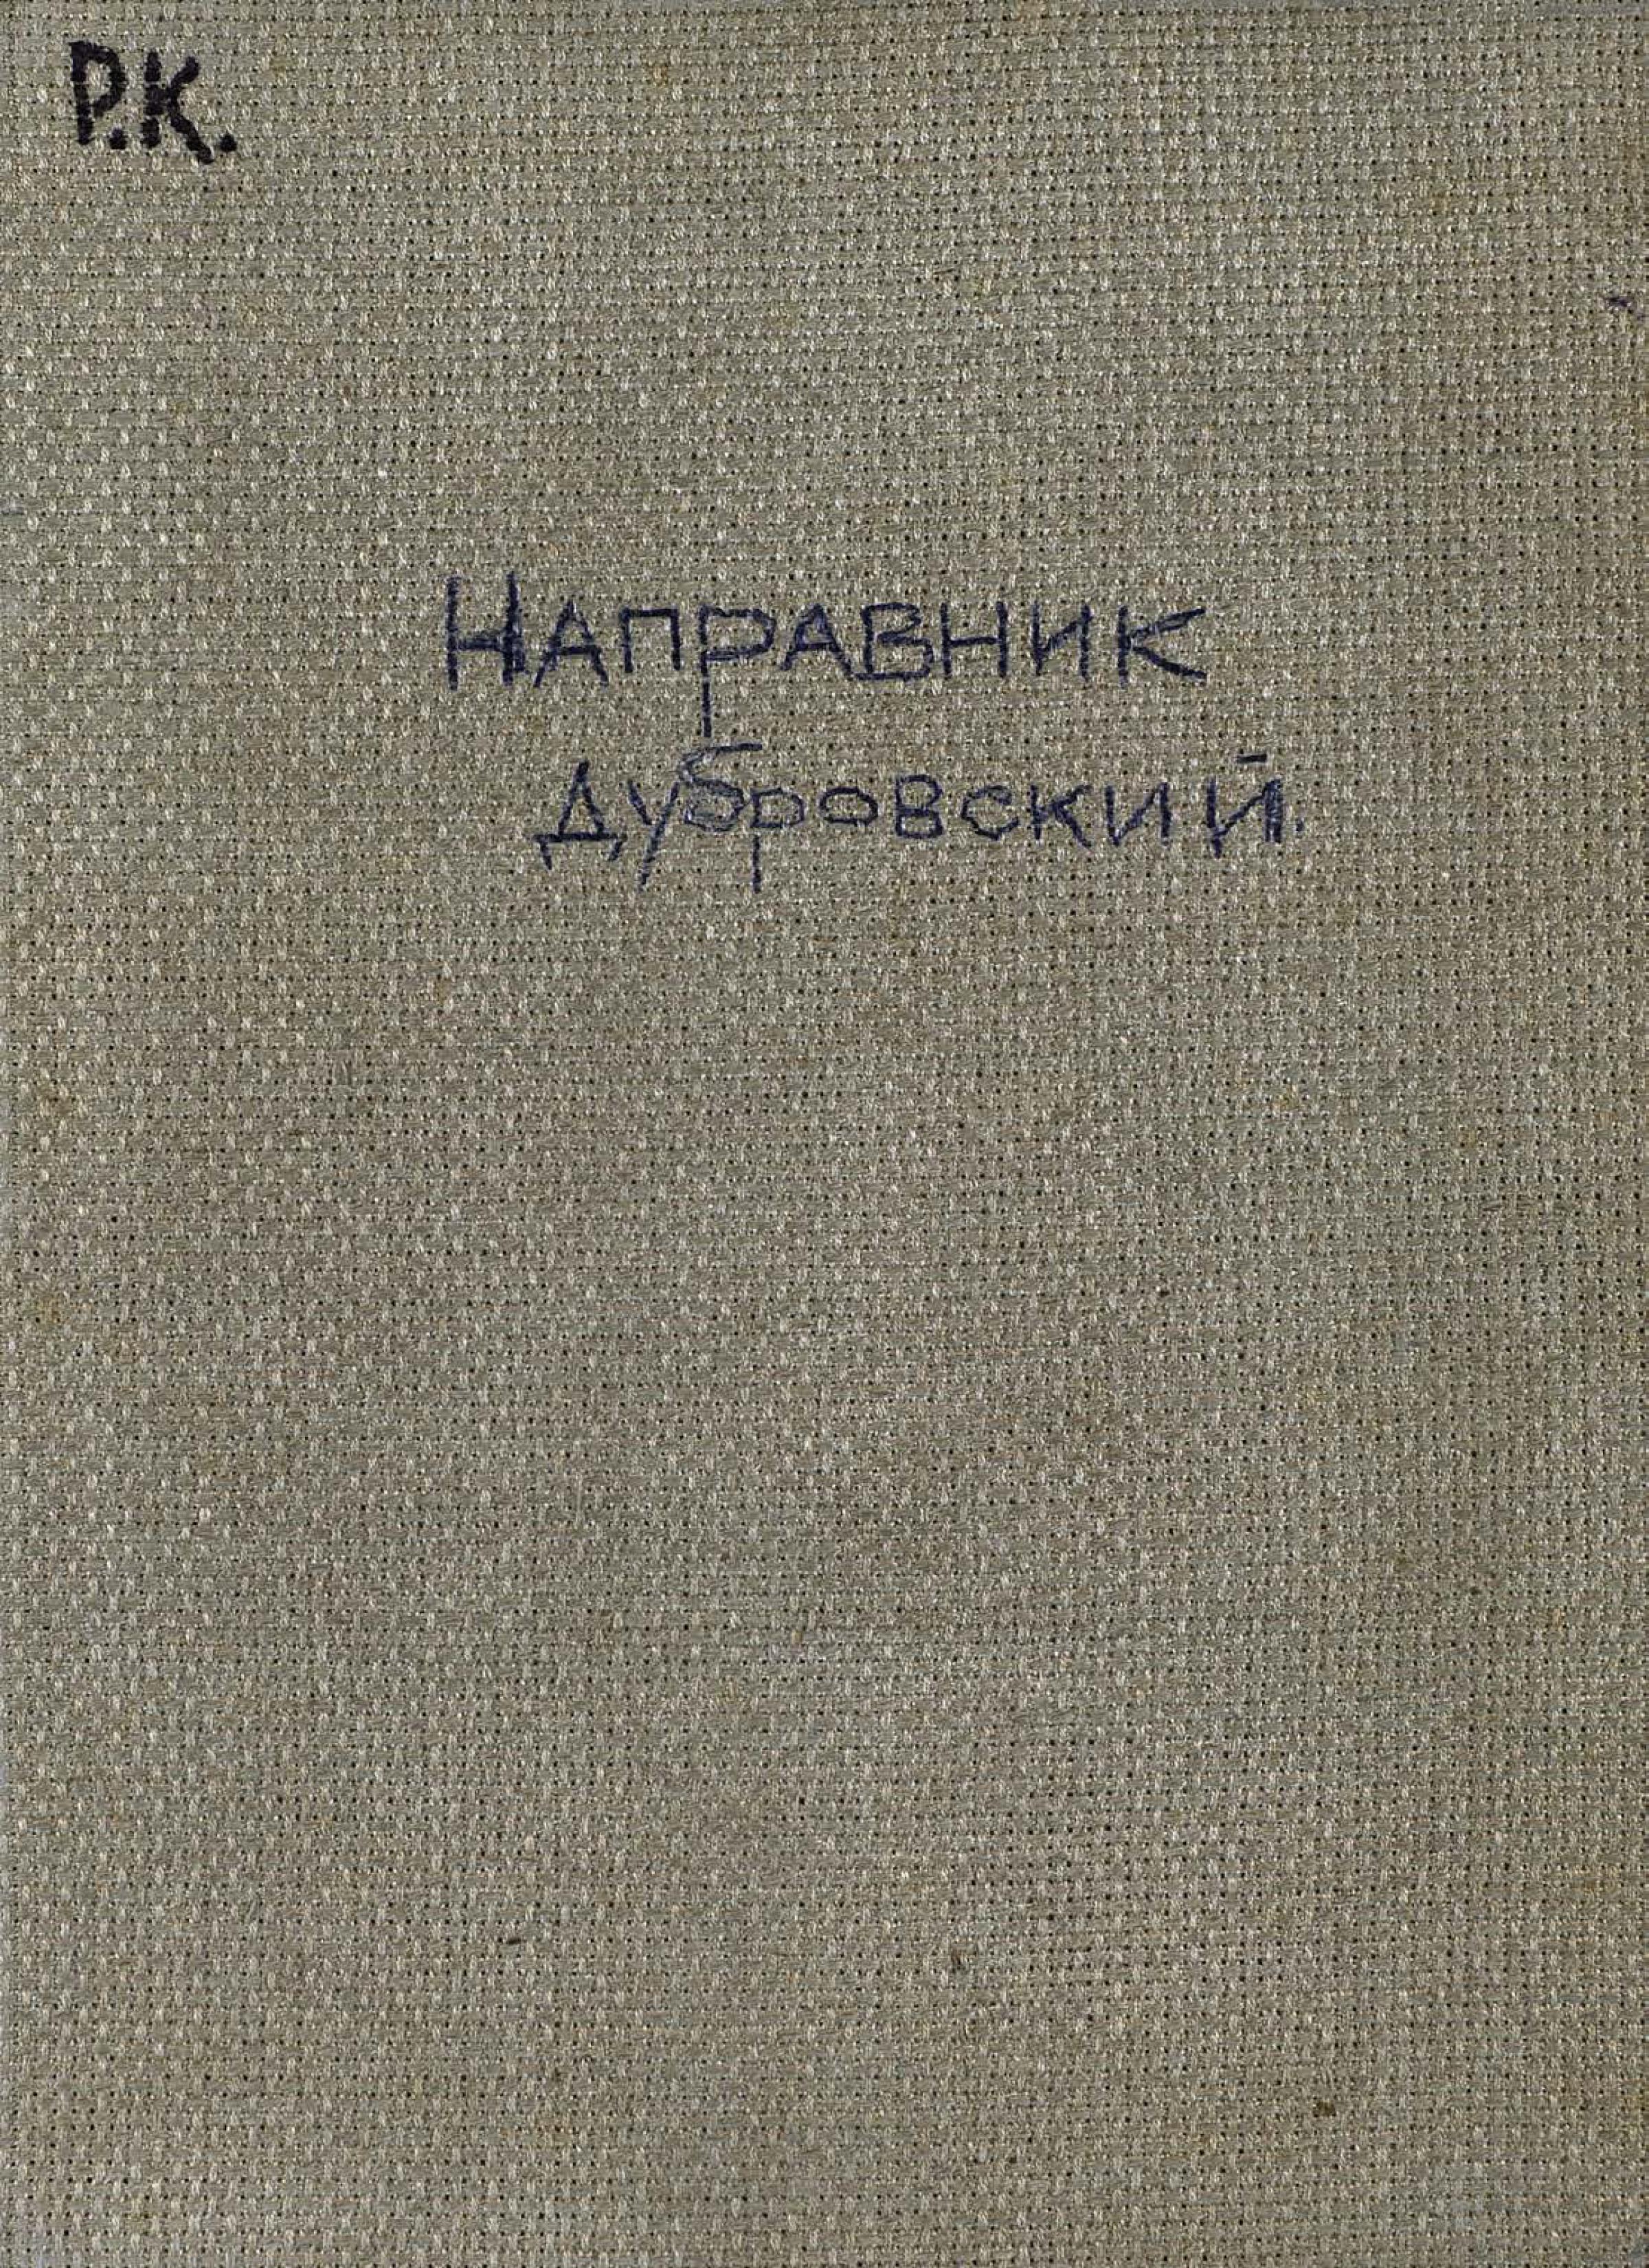 Эдуард Францевич Направник Дубровский дубровский dvd